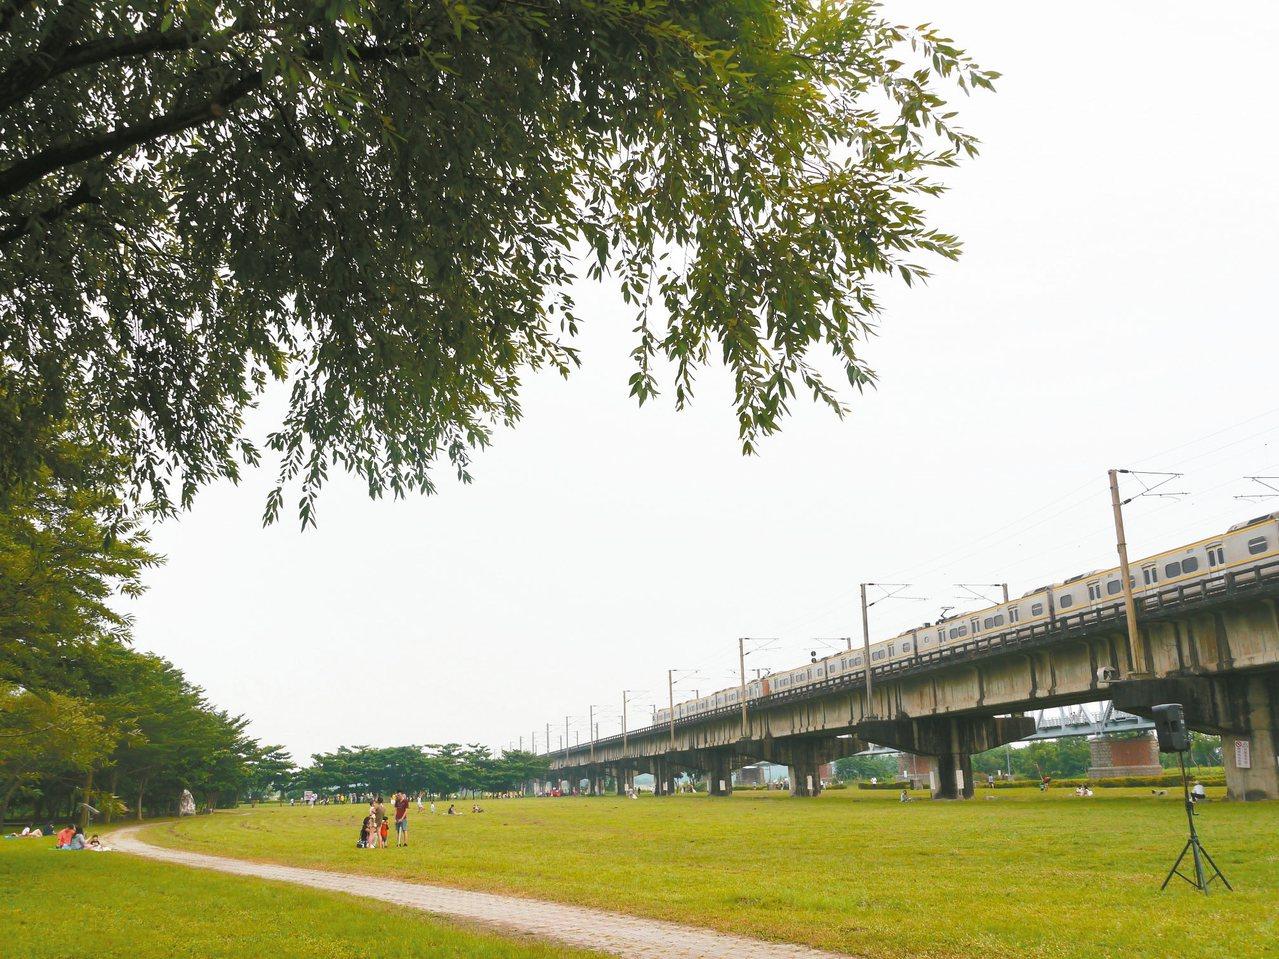 高雄大樹舊鐵橋溼地公園廣達30公頃,對岸就是國慶焰火施放處。 記者徐白櫻/攝影